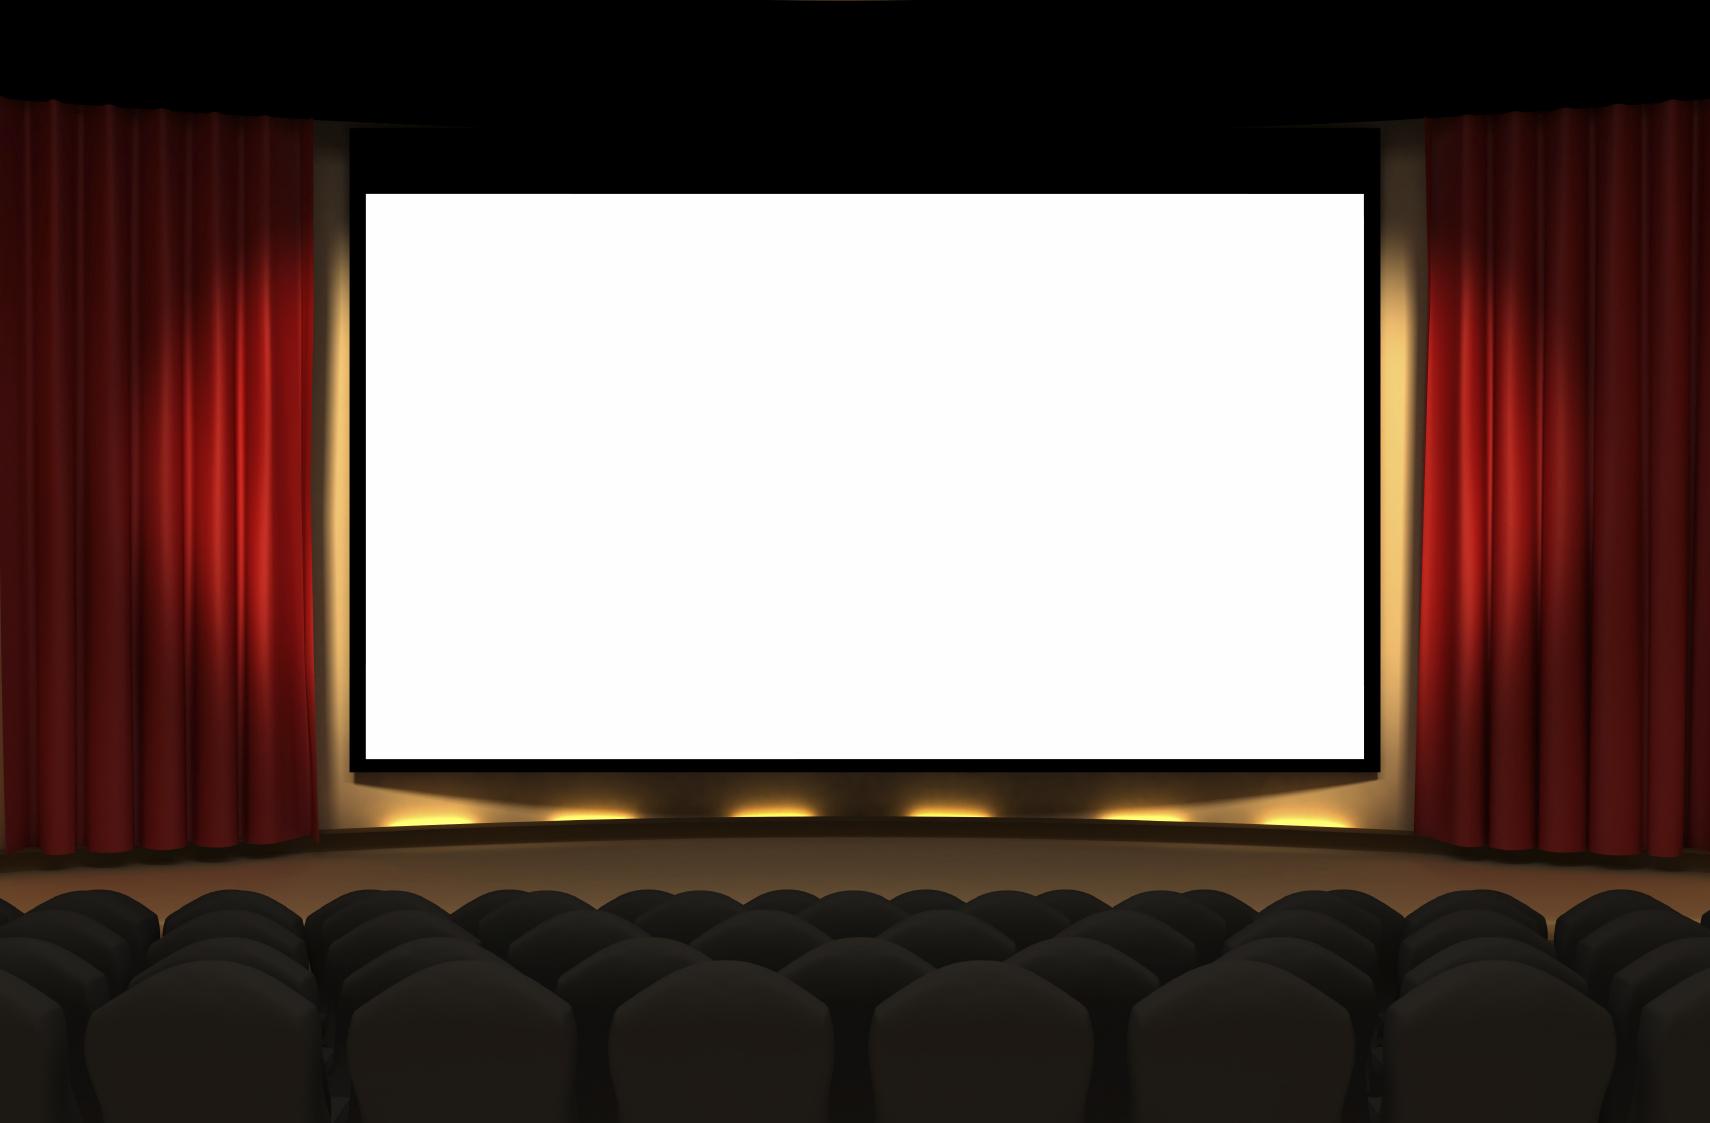 Theatre clipart theater Cinema Movie com theater clipart